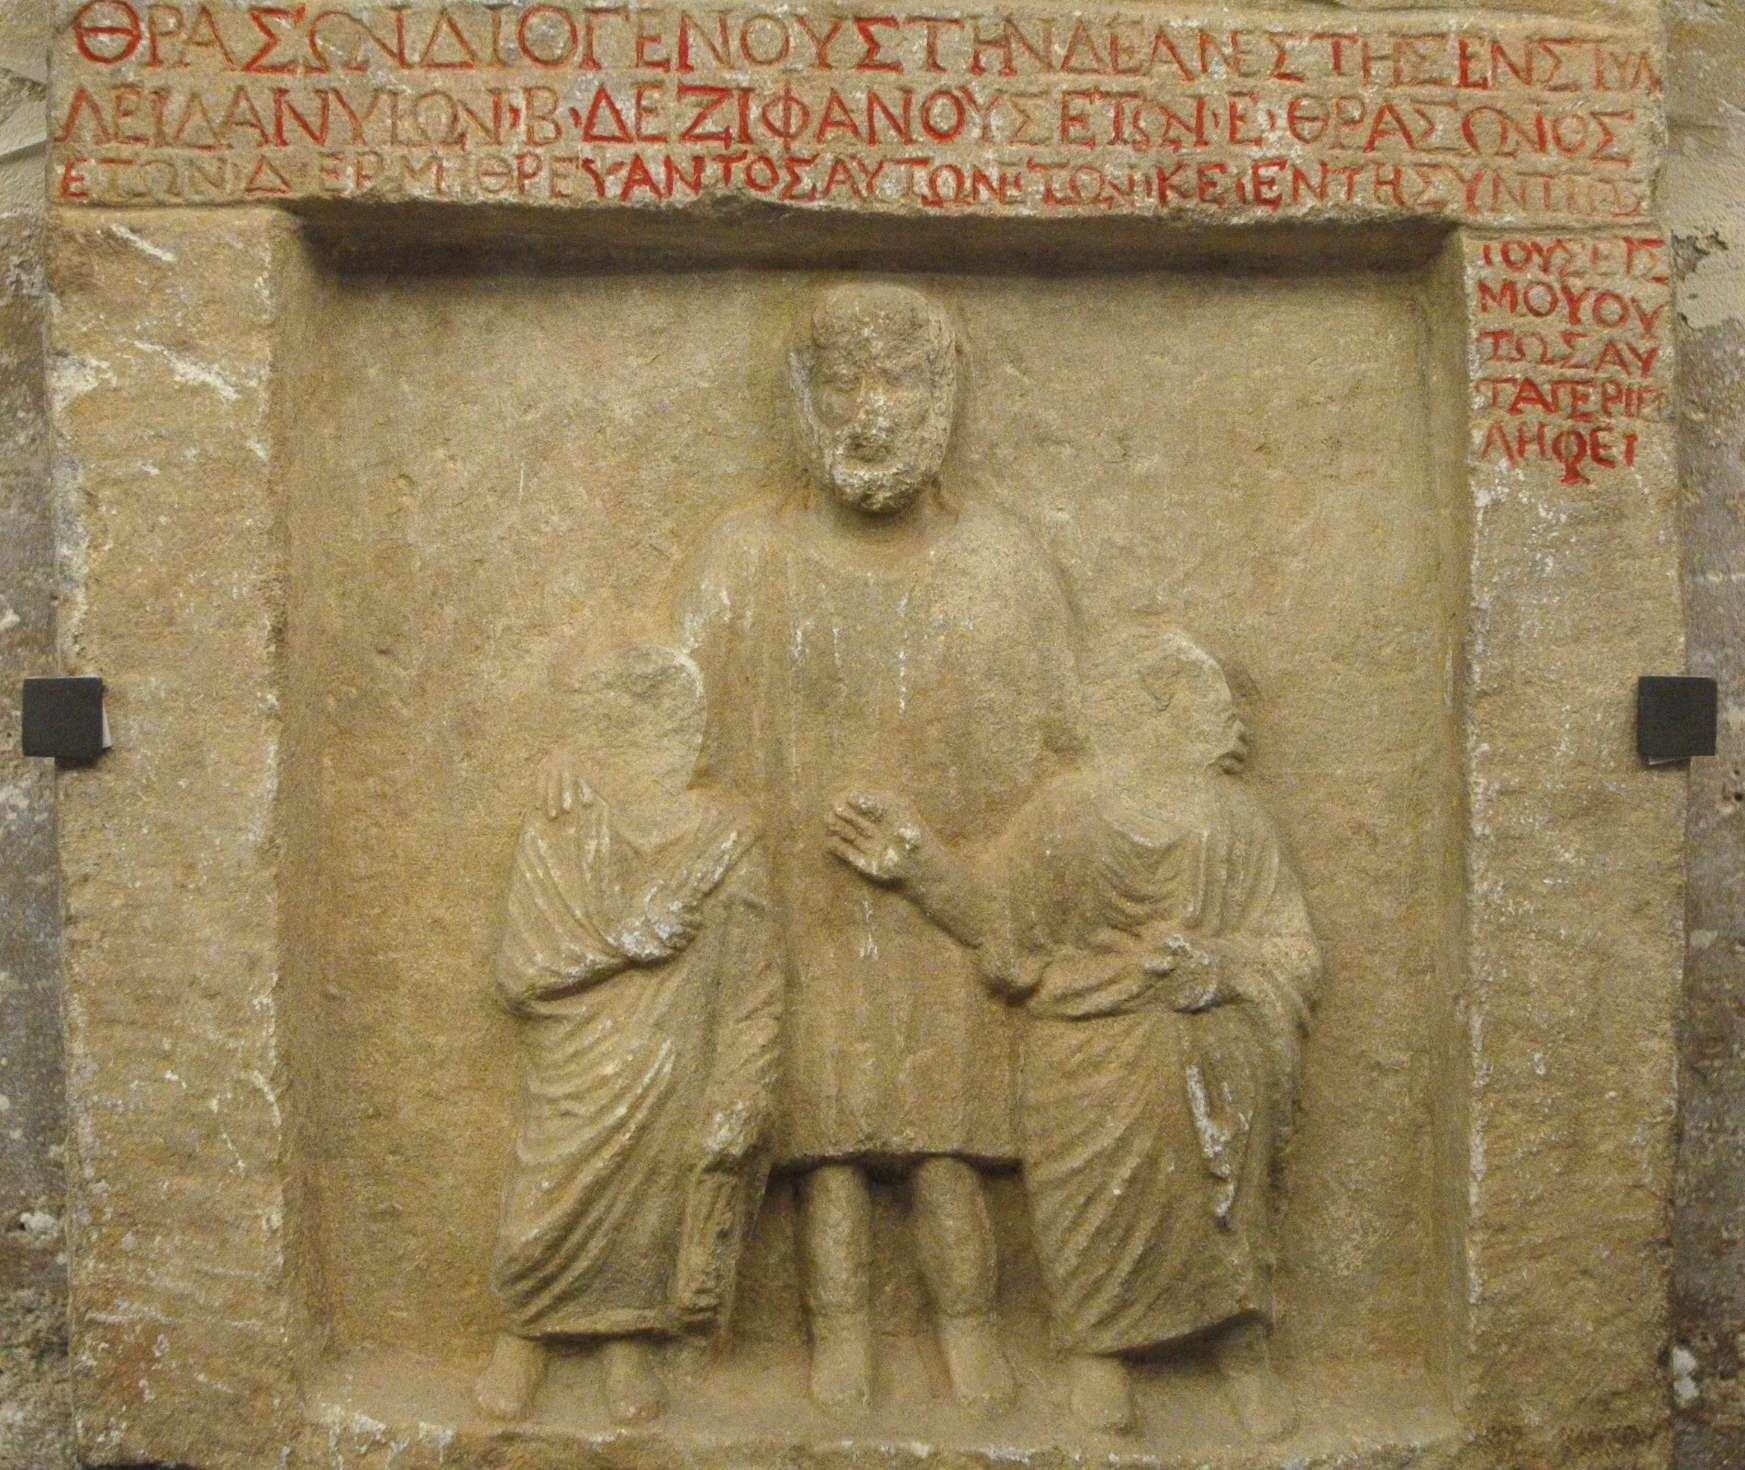 Ταφική στήλη δύο μικρών παιδιών με τον παιδαγωγό τους, οι οποίοι βρήκαν το θάνατο σε σεισμό, Νικομήδεια, 1ος αιώνας π.Χ., Μουσείο του Λούβρου